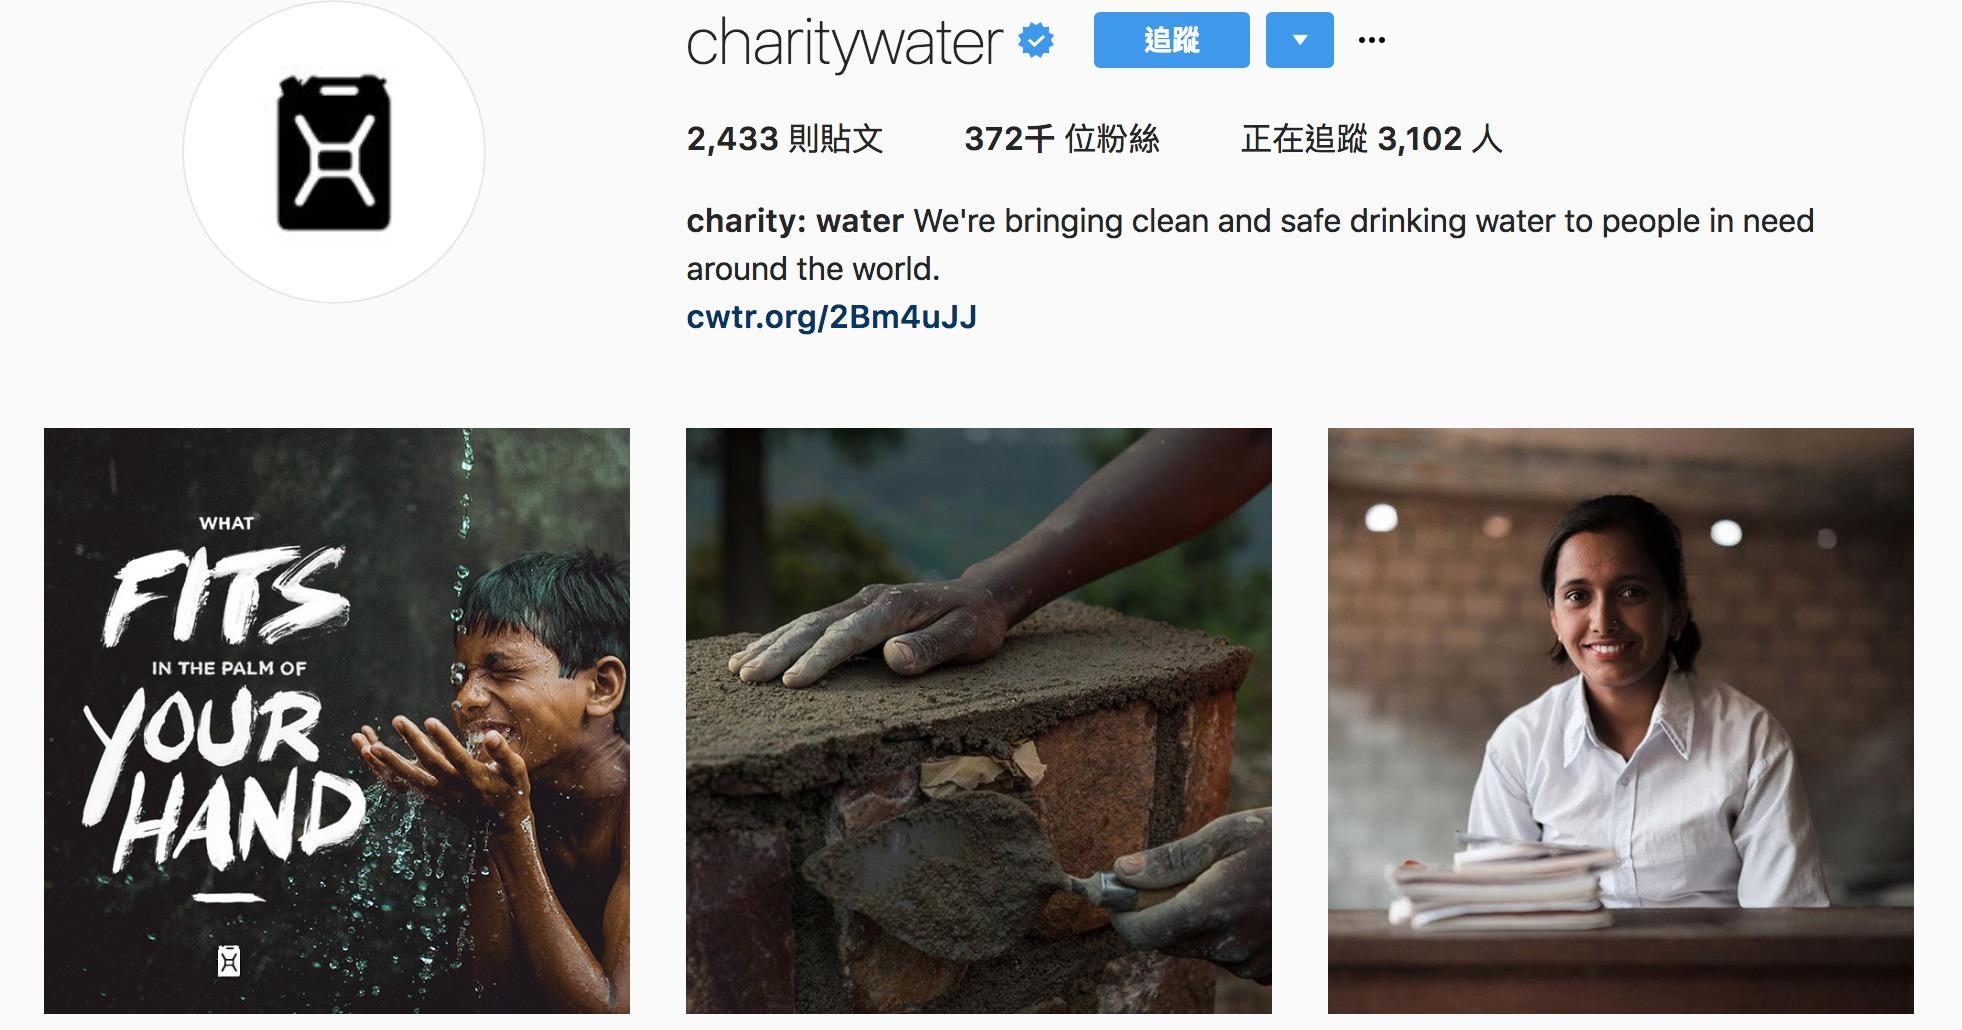 如何讓Instagram內容更豐富?4項品牌行銷實例解析